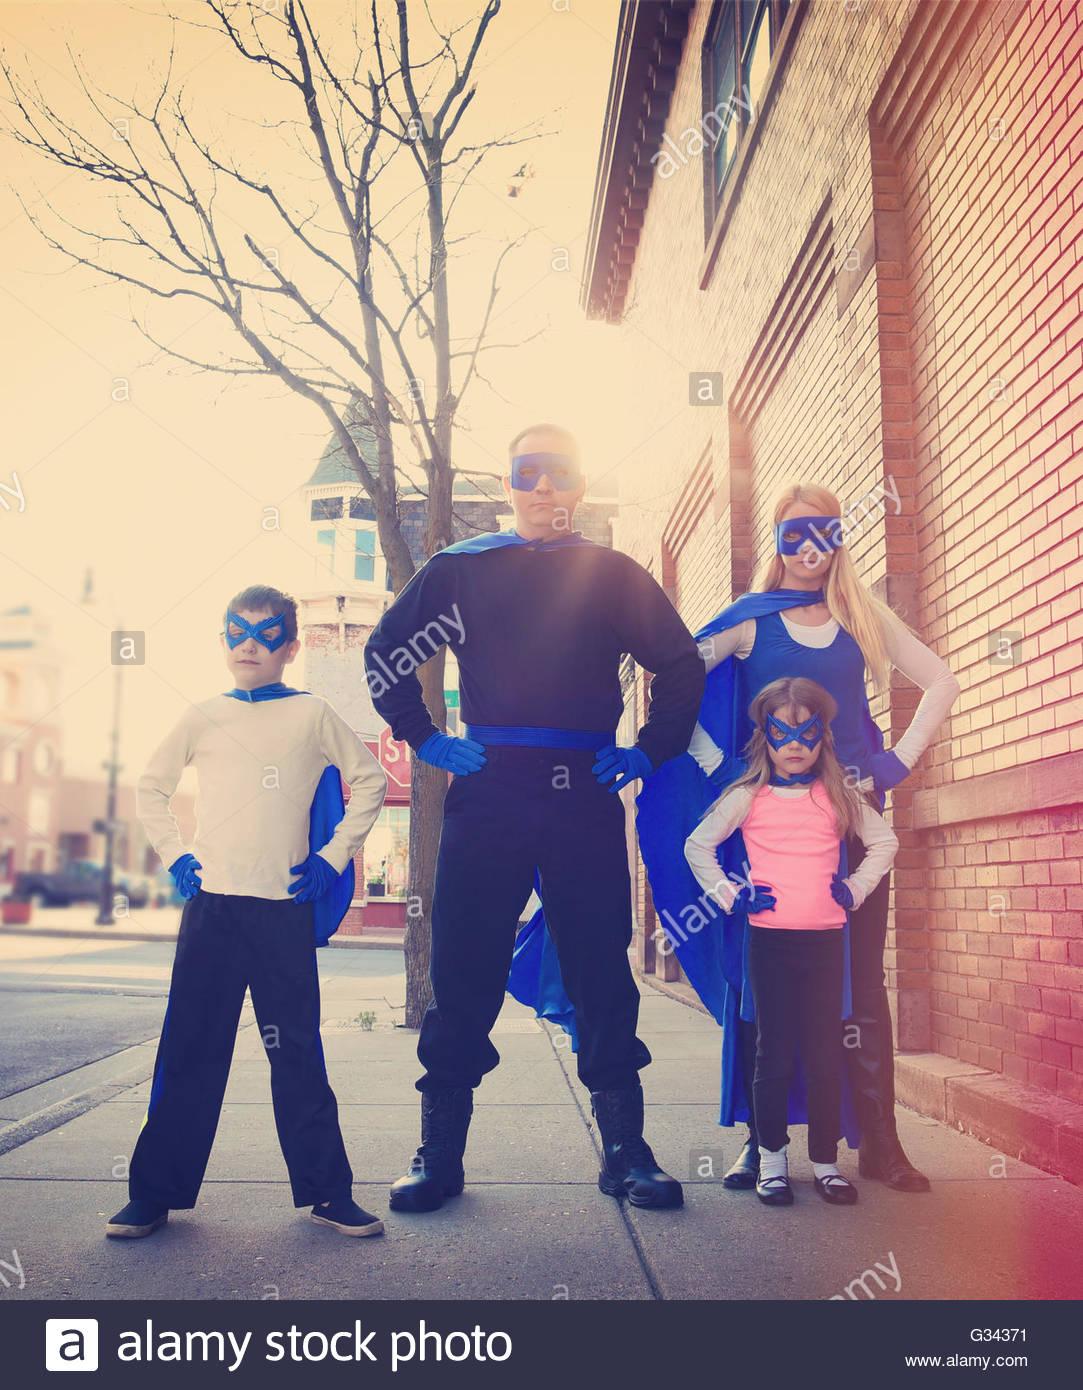 Una joven familia super hero están de pie afuera con azul capes y máscaras de protección, la fuerza Imagen De Stock